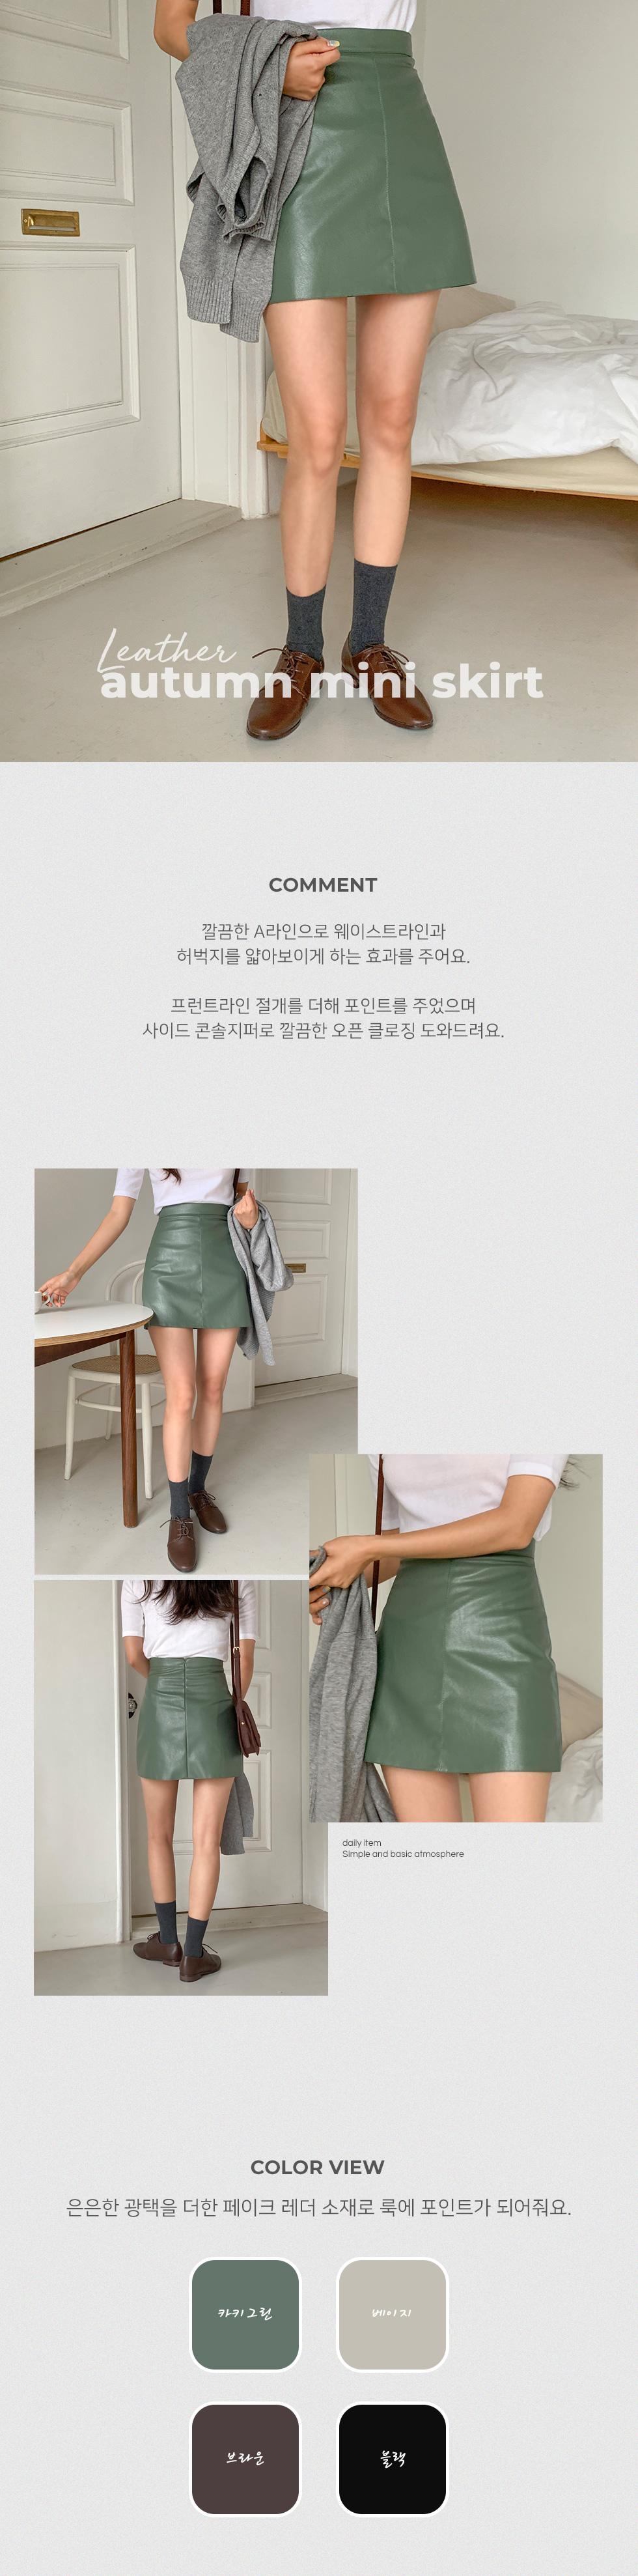 moodless skirt